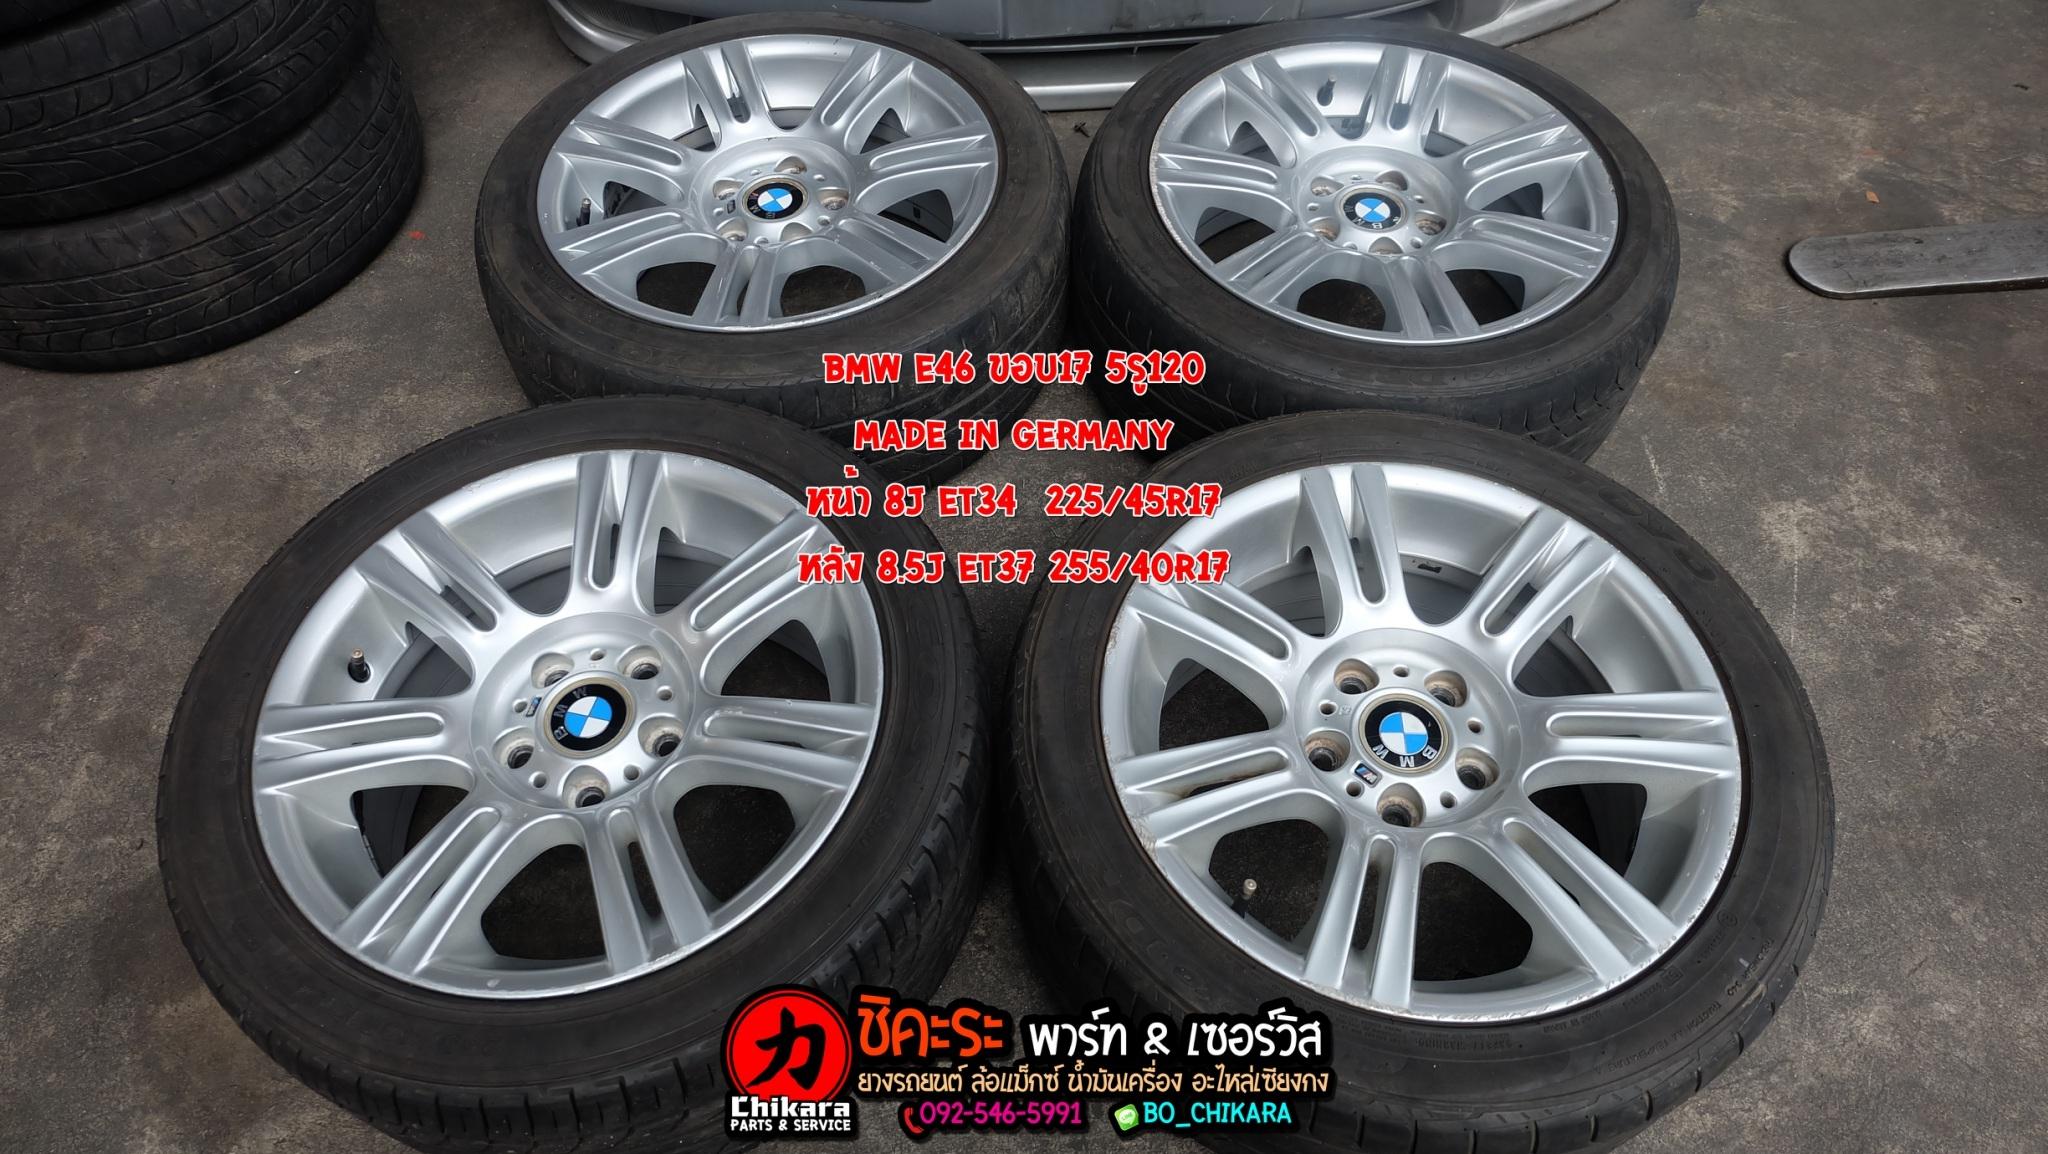 ล้อ BMW E46 ขอบ17 5รู120 หน้า 8.0J ET34// หลัง 8.5J ET37